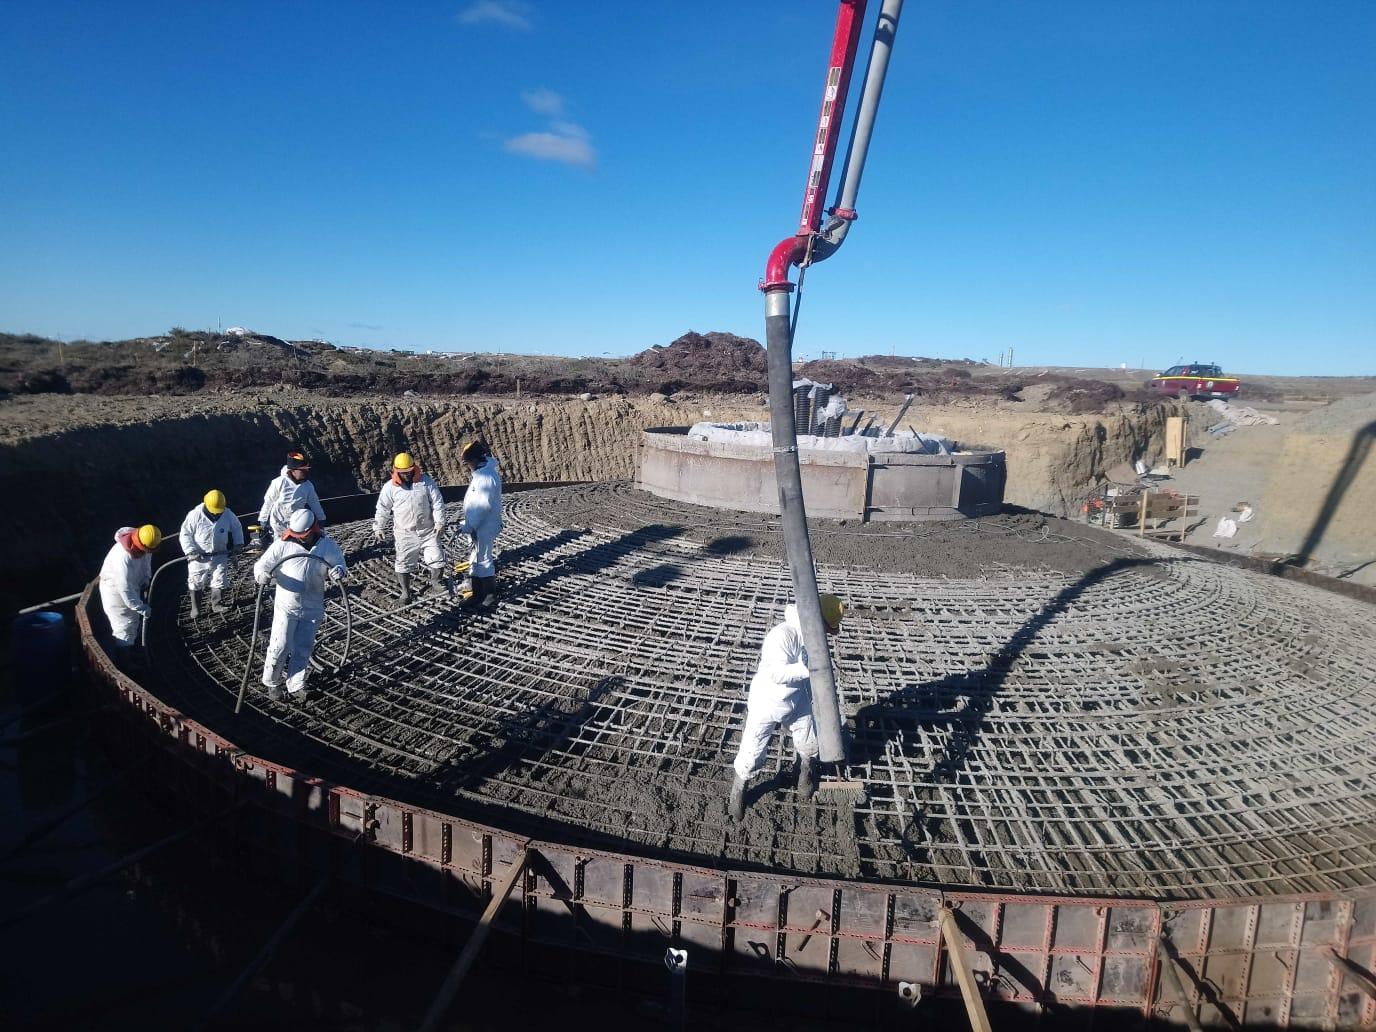 Concluye etapa clave del Parque Eólico de Magallanes: el hormigonado de las bases para los tres aerogeneradores